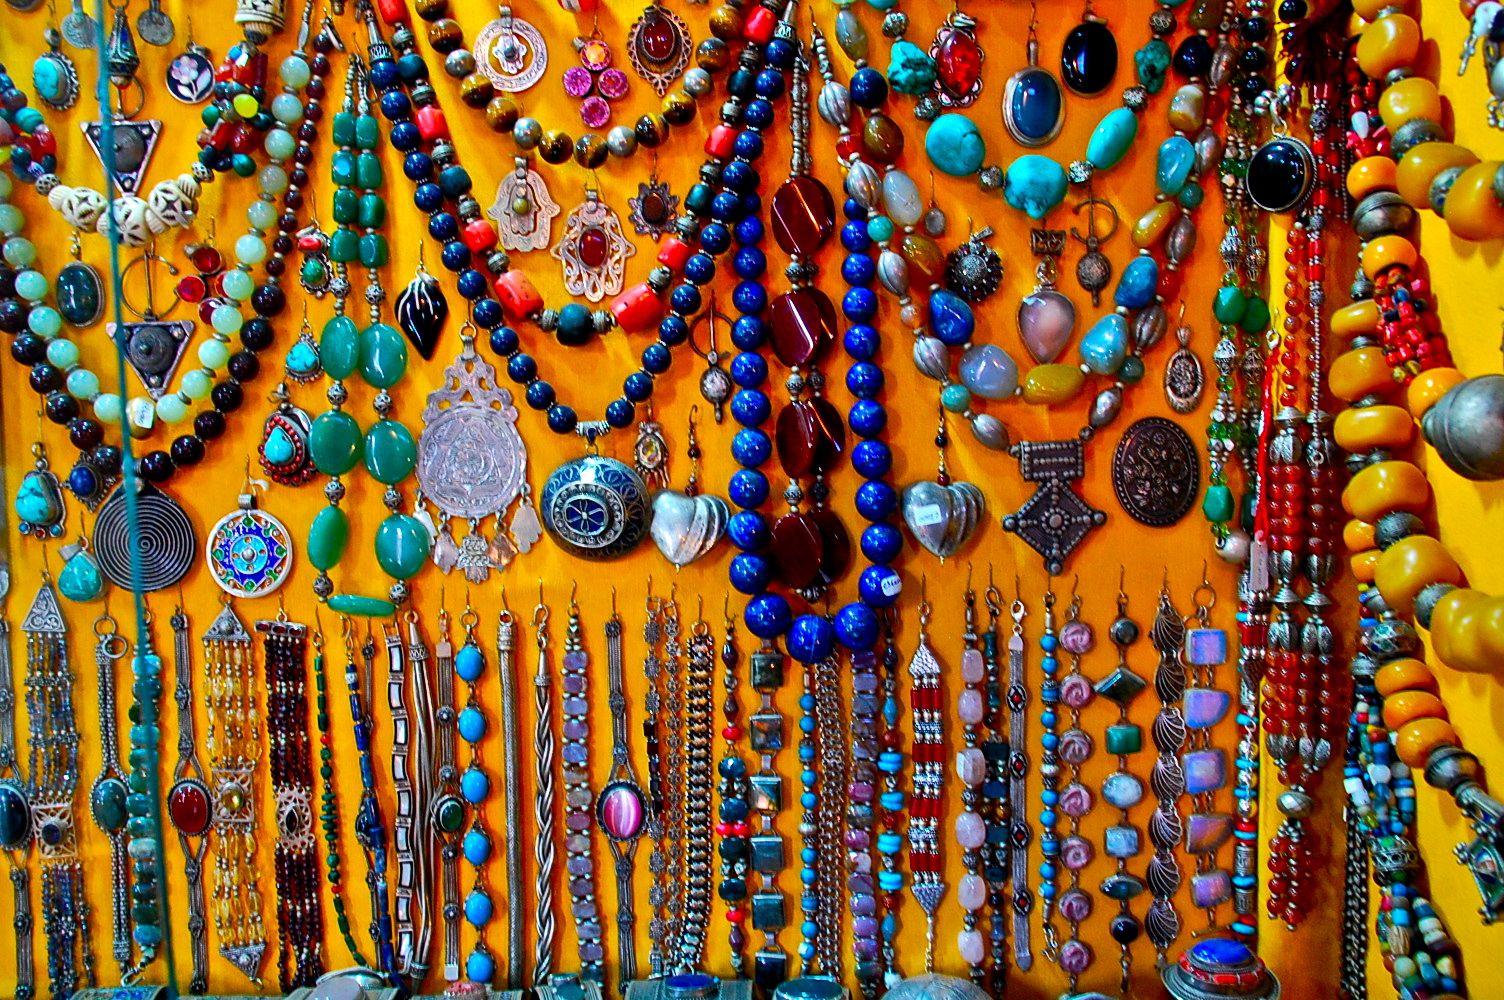 e20febd900e6c Berber market Morocco beads | Travel to Morocco and shop the souks ...